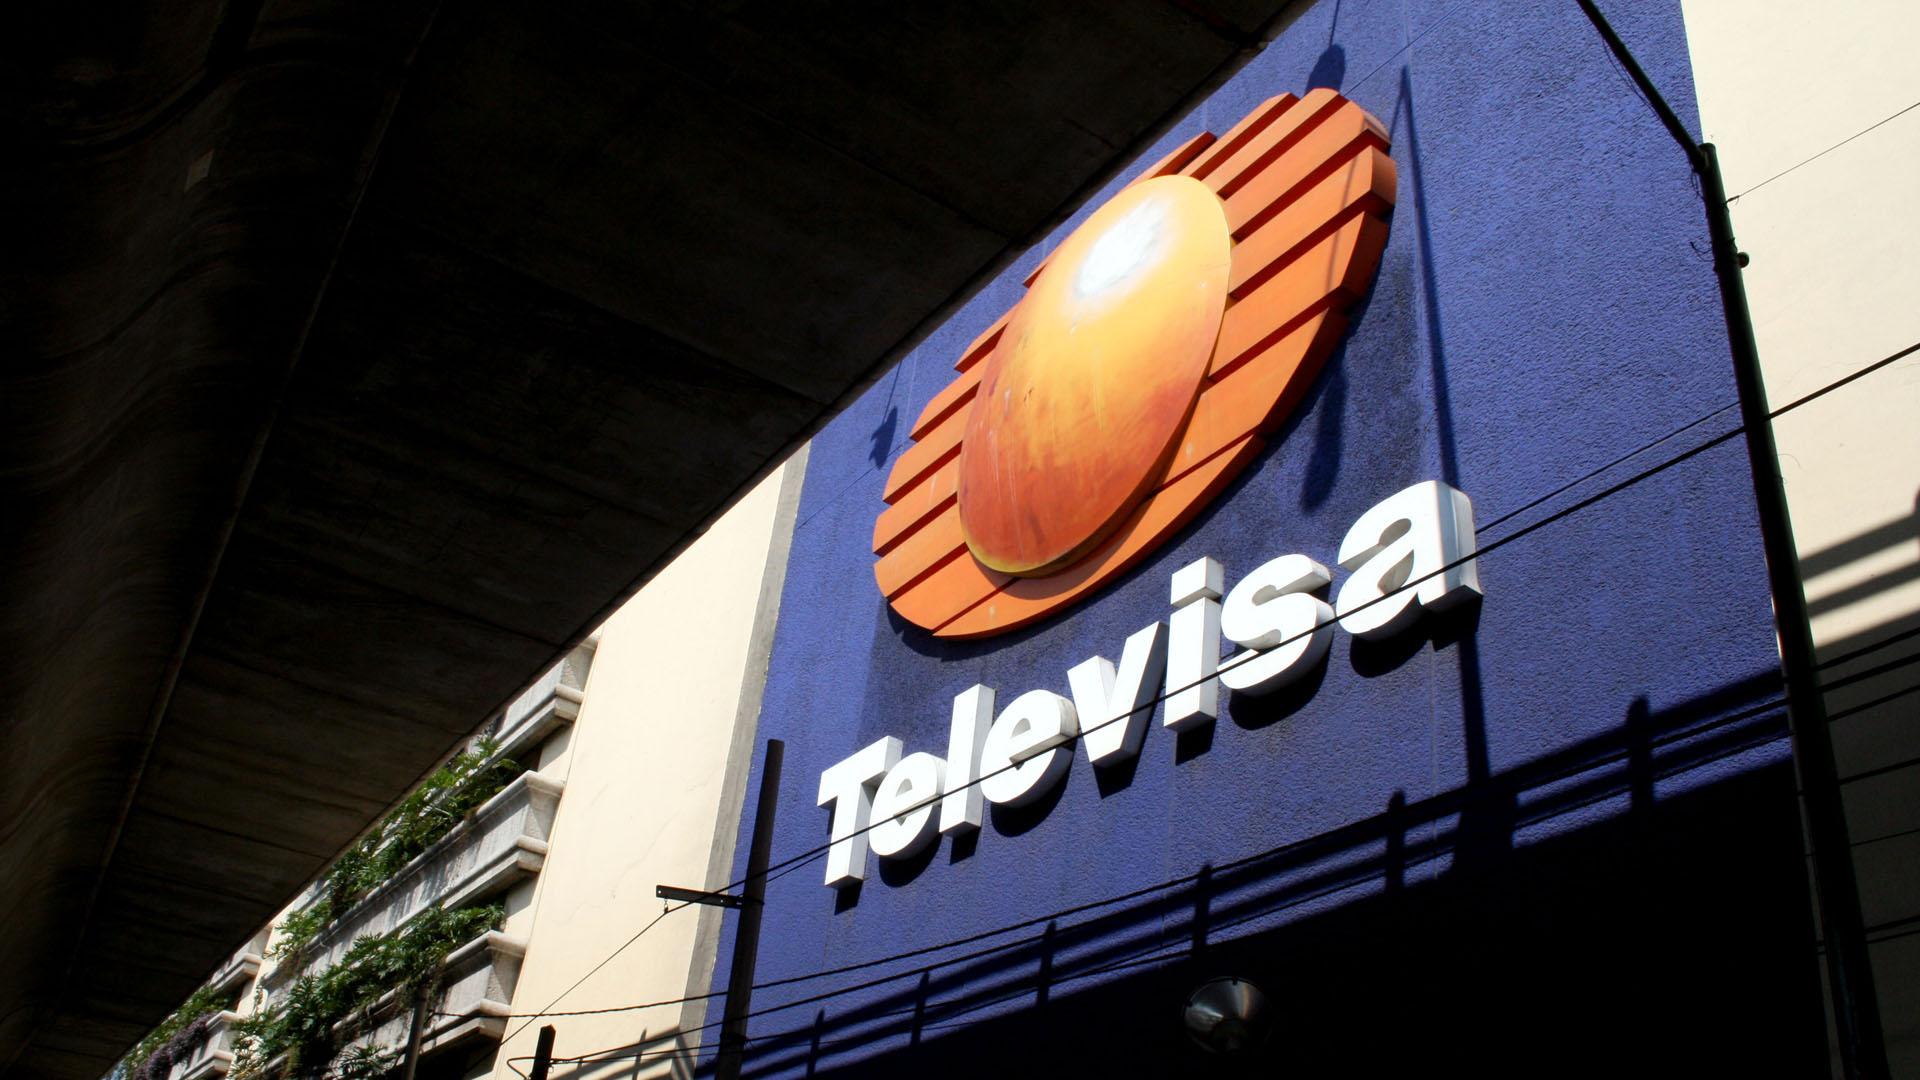 La compañía buscará mejorar sus servicios de telecomunicaciones que incluye a sus empresas de TV de paga, telefonía e internet